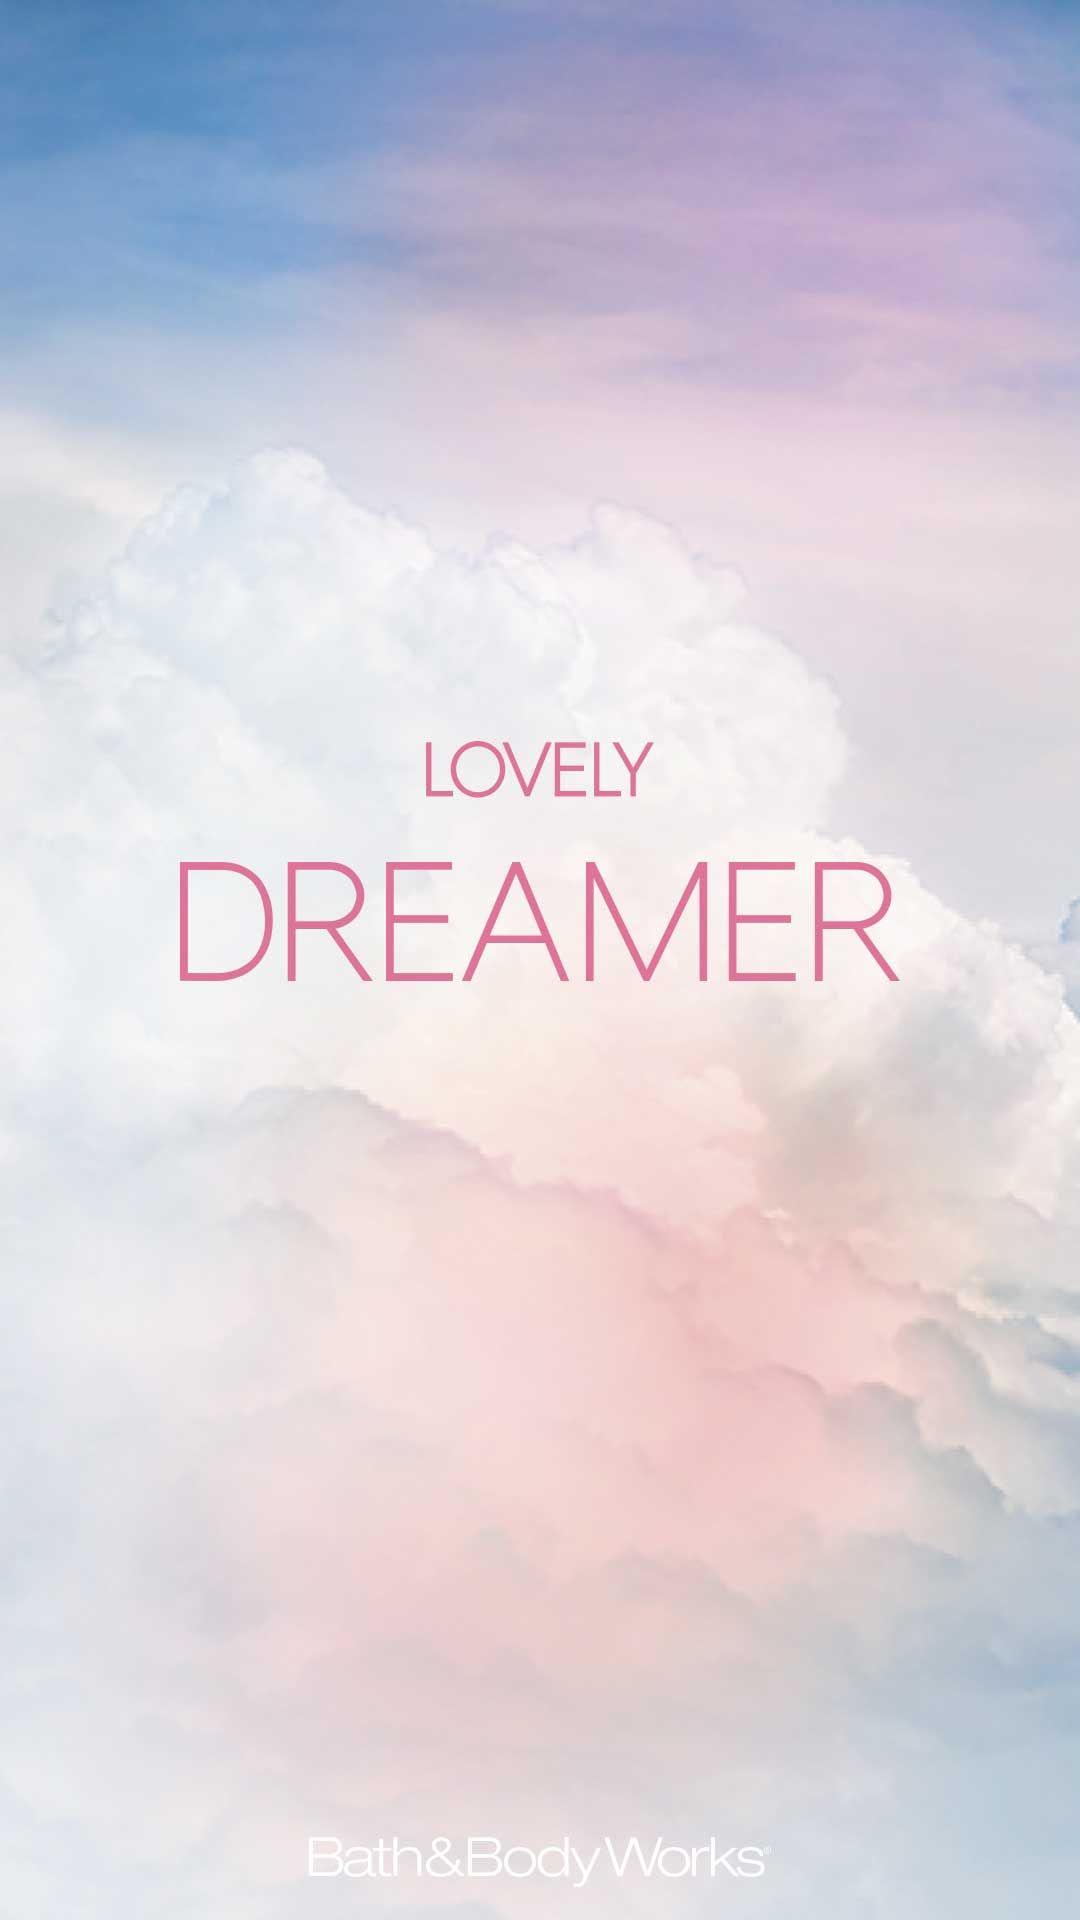 Lovely Dreamer Iphone Wallpaper Words Wallpaper The Dreamers Wallpaper